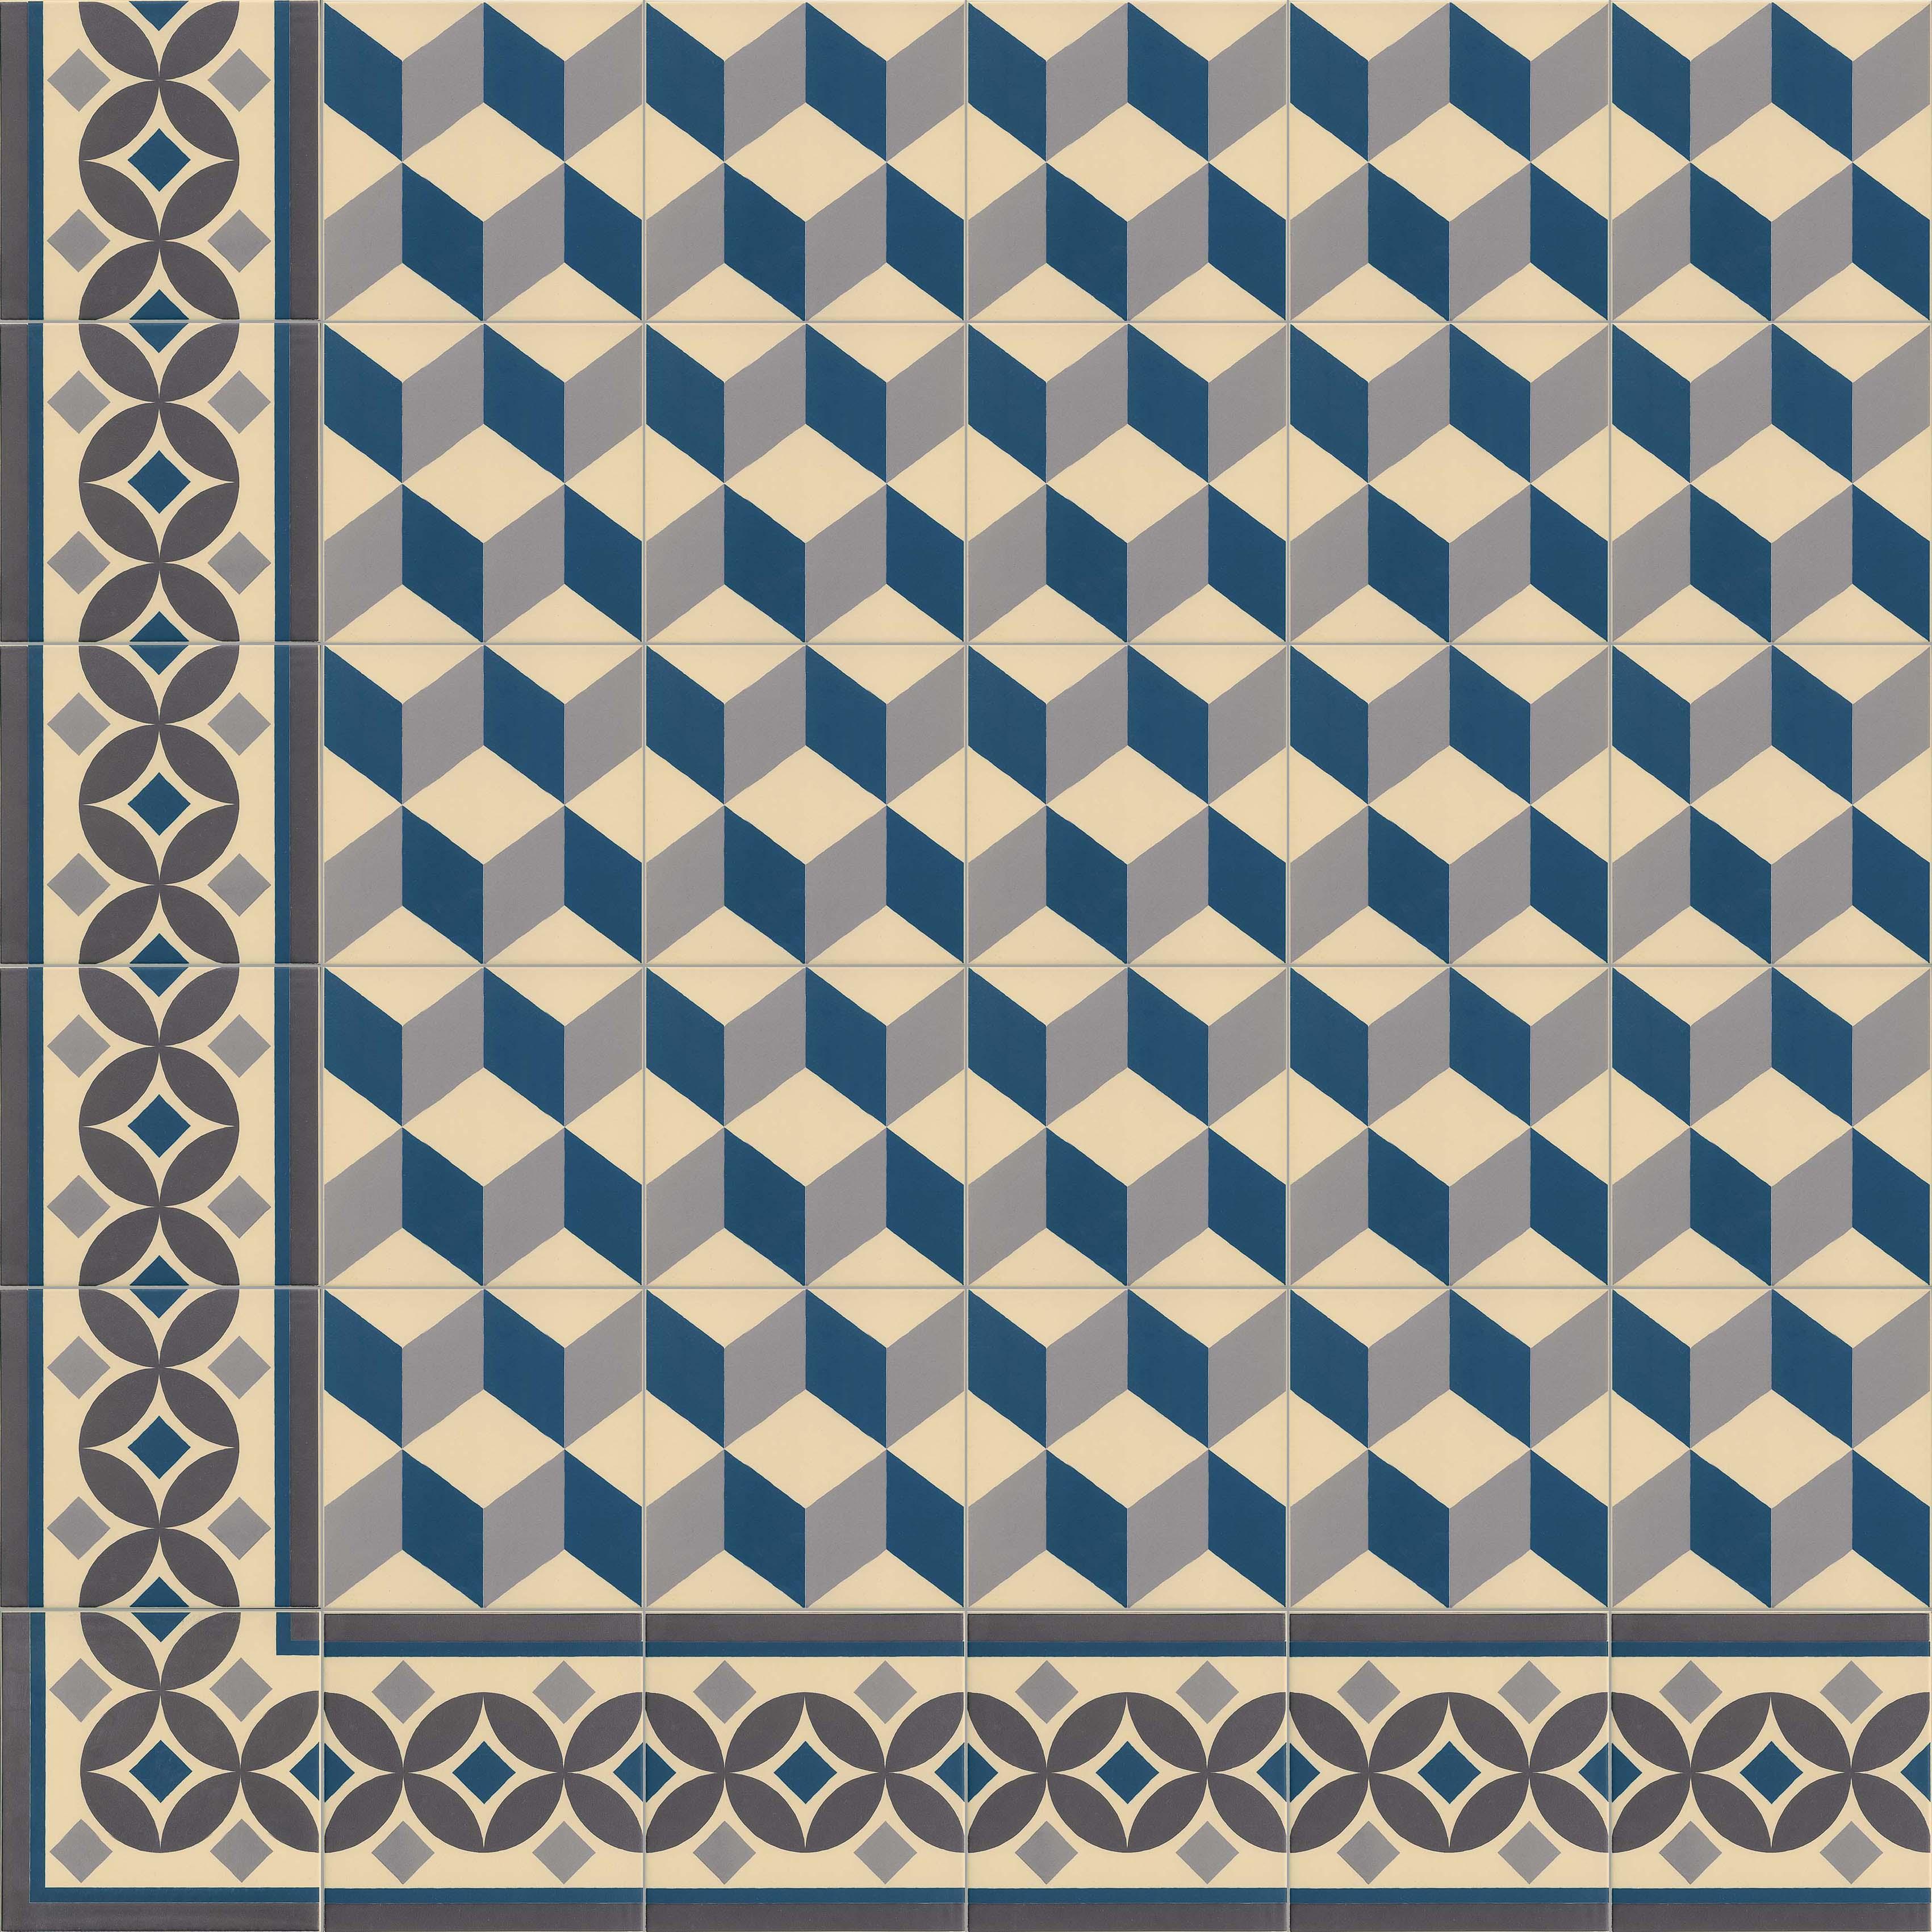 klinker g ell 3 20x20 kakel online tiles r us ab. Black Bedroom Furniture Sets. Home Design Ideas